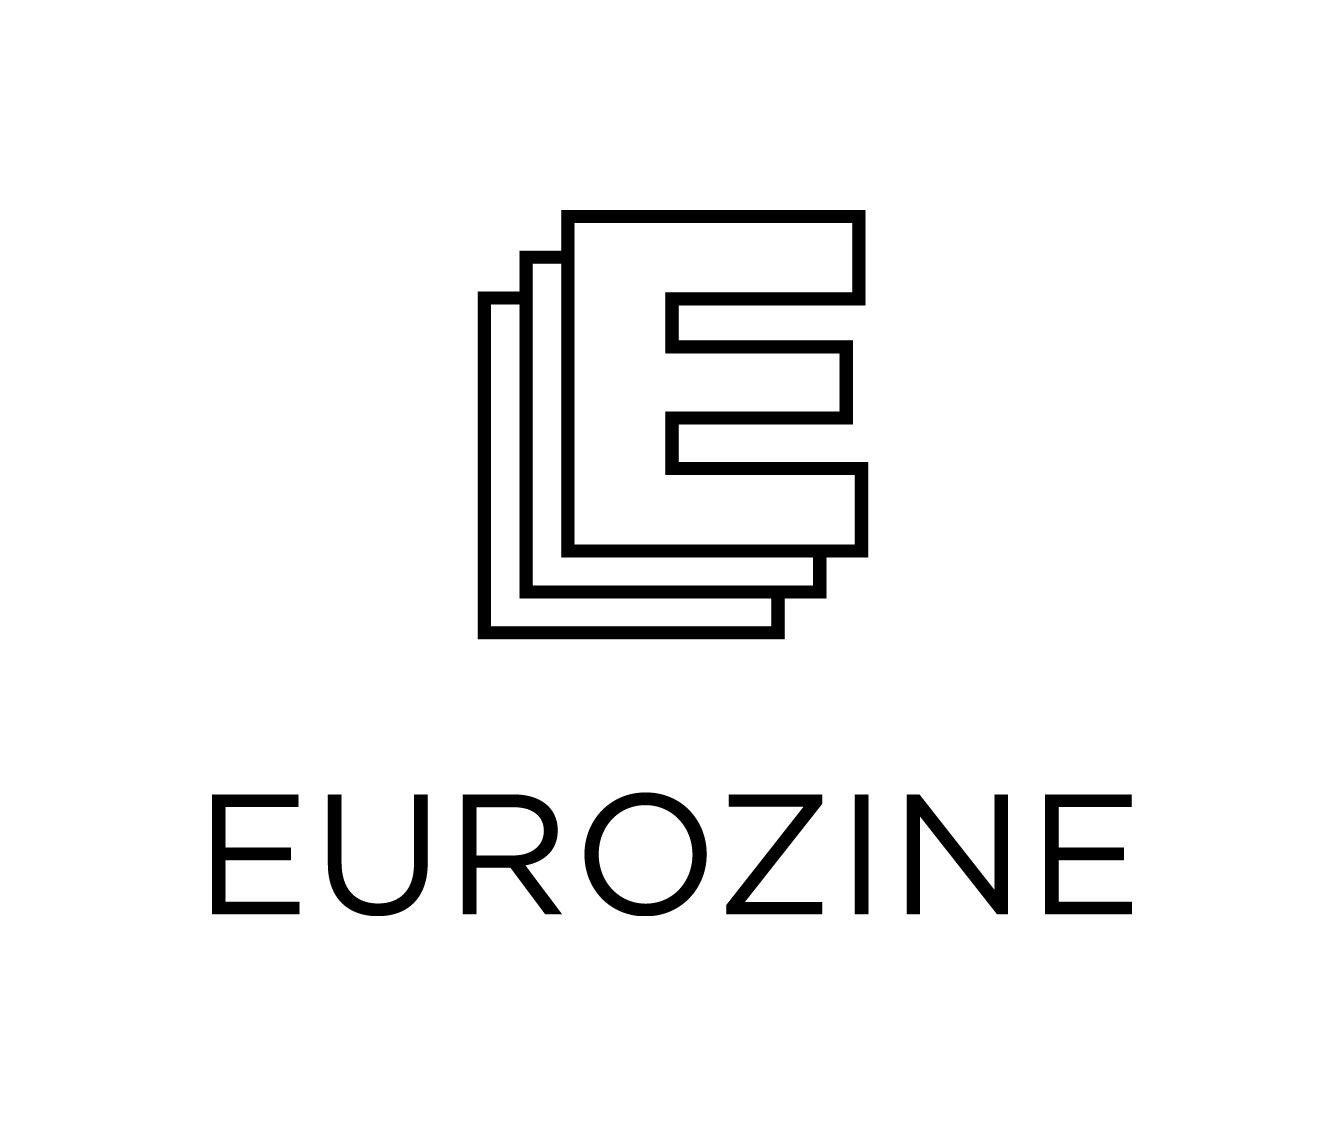 Eurozine-Logo